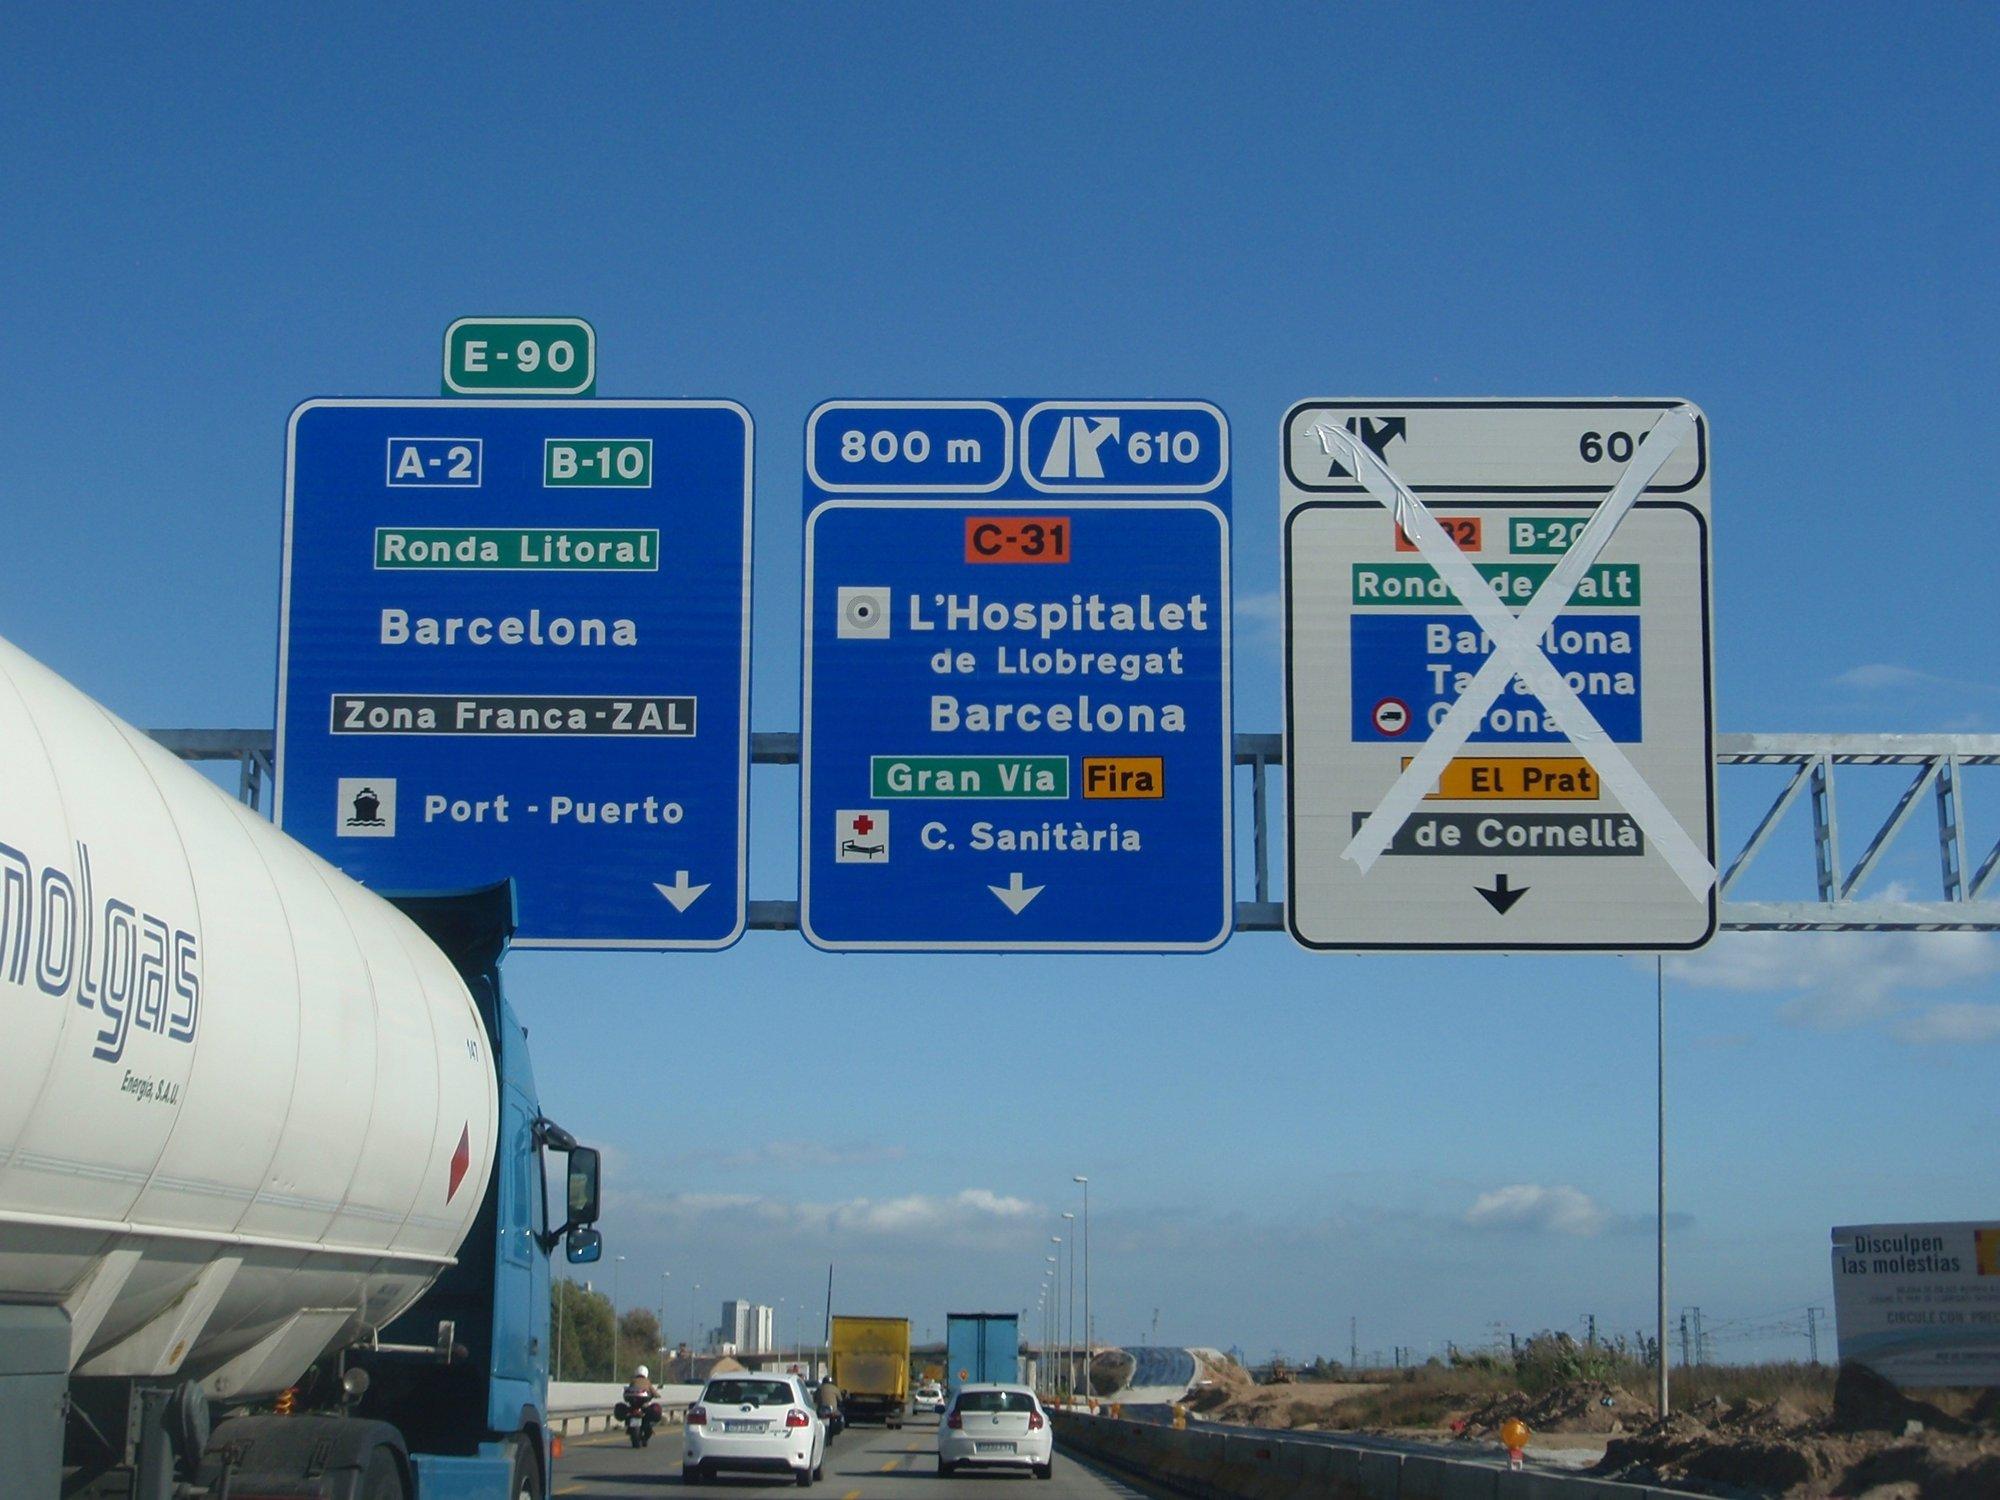 El 88% de los vehículos previstos en la operación salida han partido de Barcelona